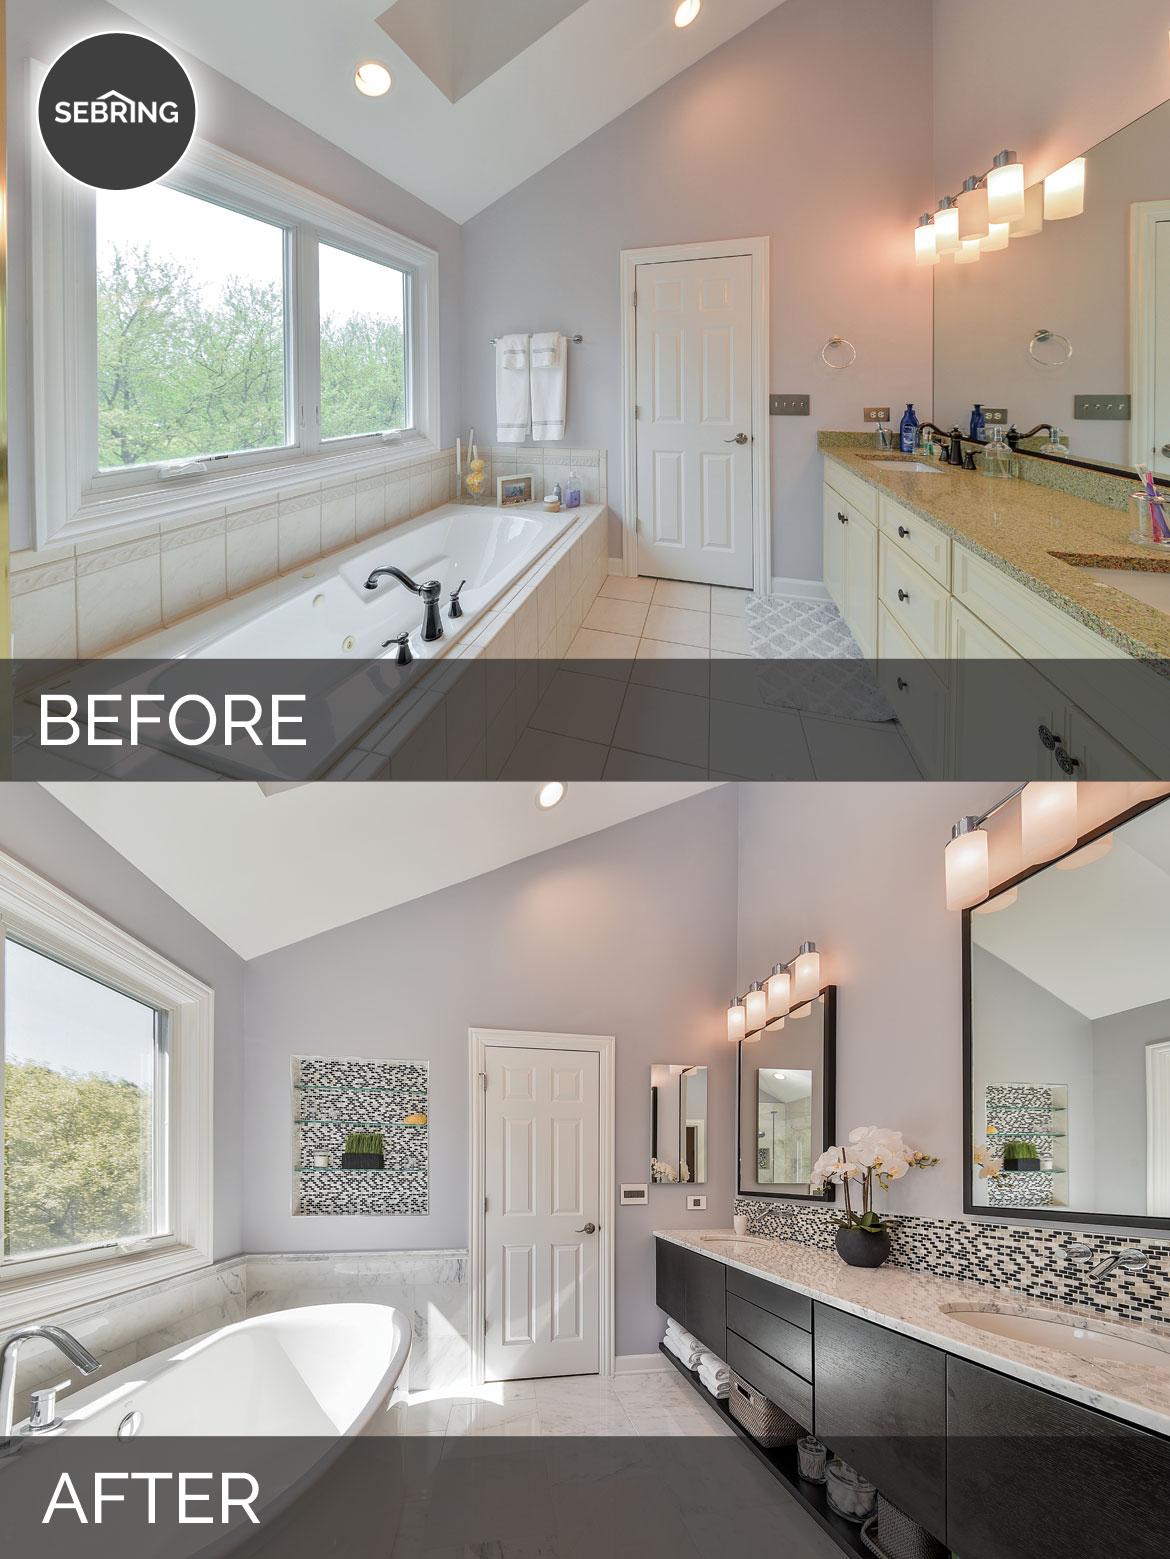 Aurora Master Bathroom Before & After - Sebring Design Build